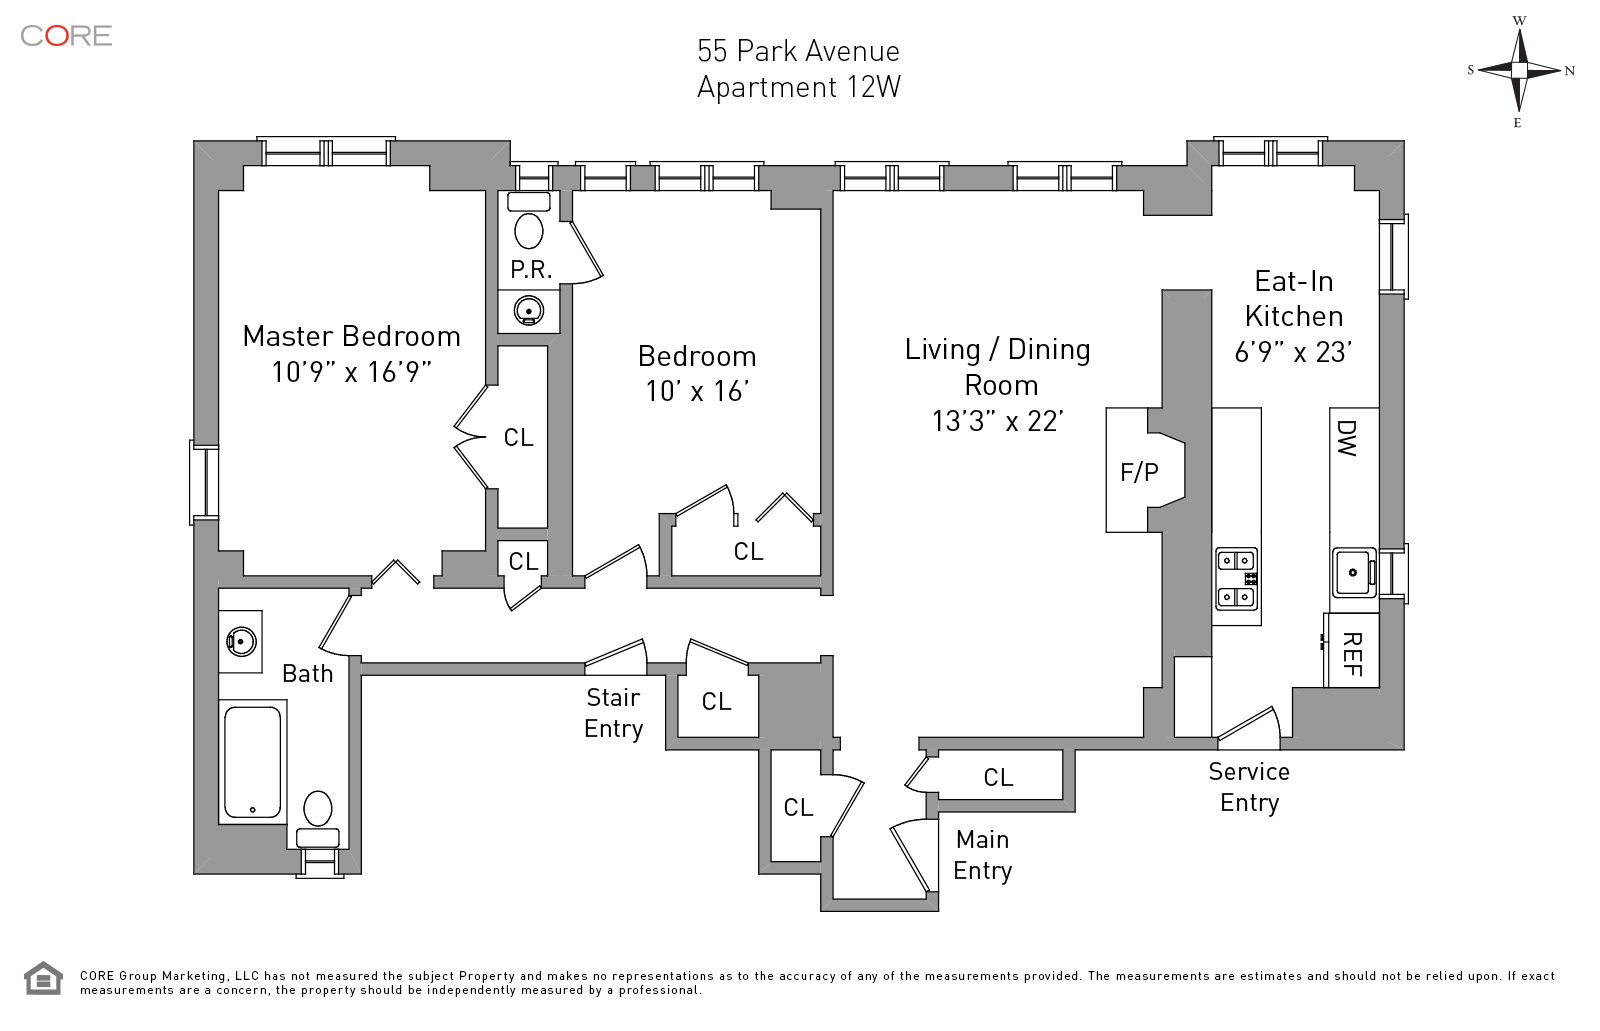 55 Park Ave. 12W, New York, NY 10016